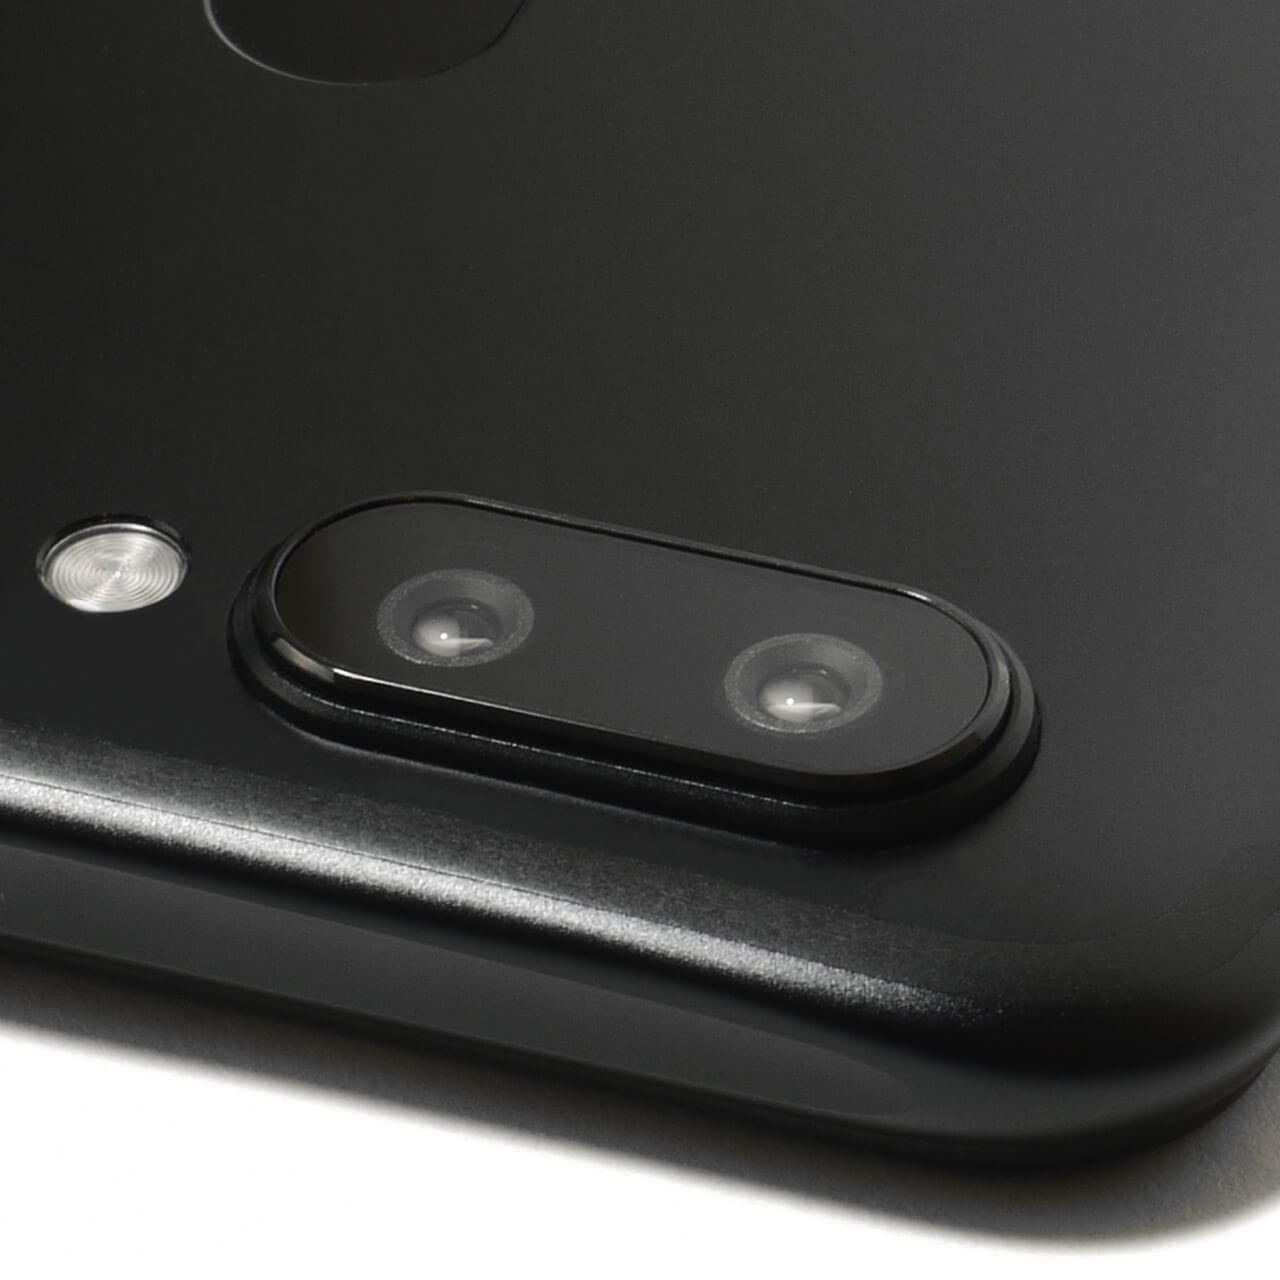 R11SのレンズはF1.7に対応!めちゃくちゃ明るくてめちゃくちゃ綺麗にボケてくれます!一眼レフいらずですね!